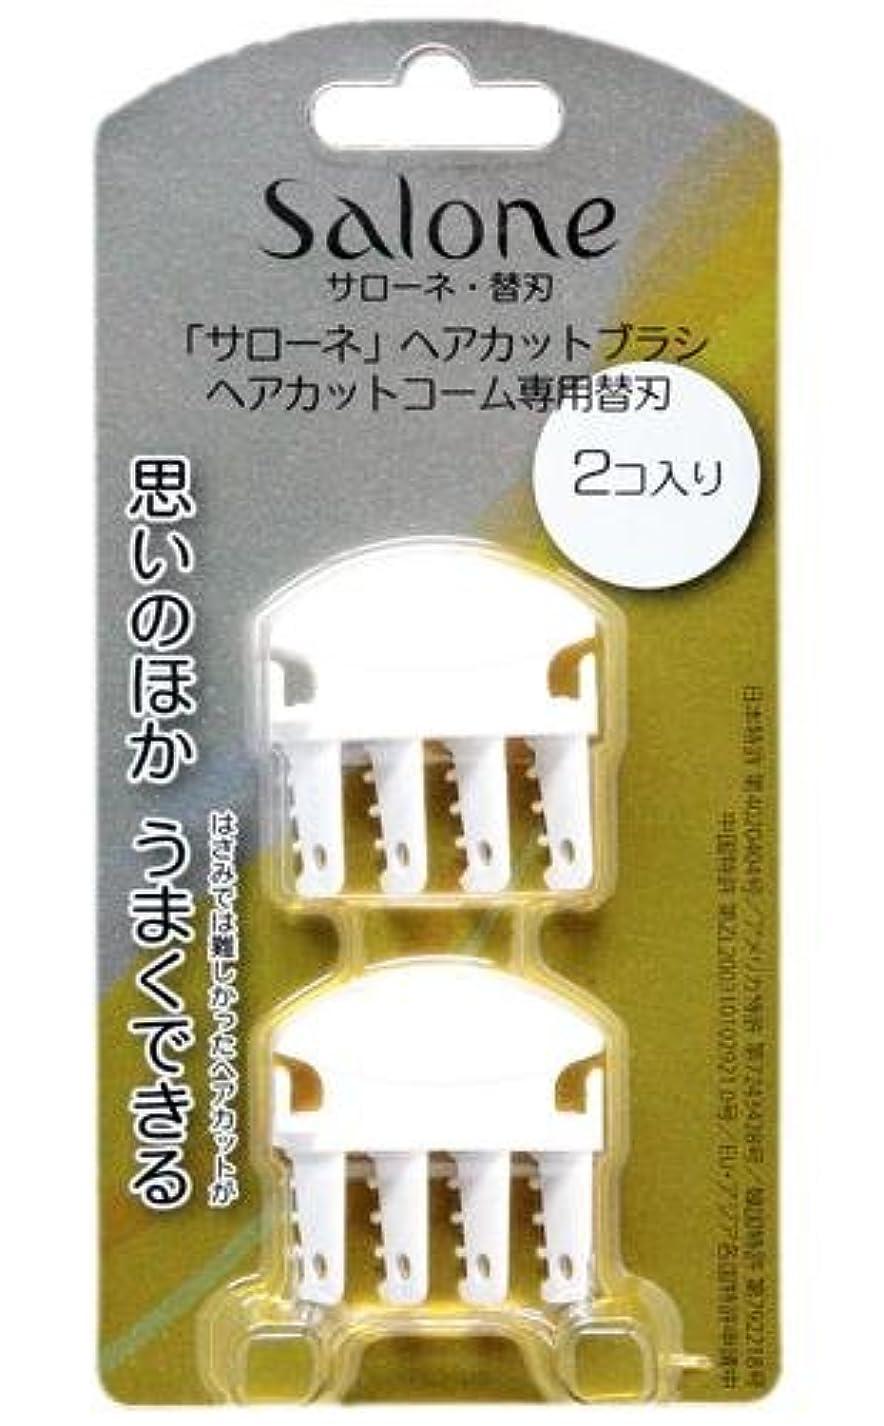 洞窟観点割れ目「サローネ」ヘアカットブラシ ヘアカットコーム専用替刃